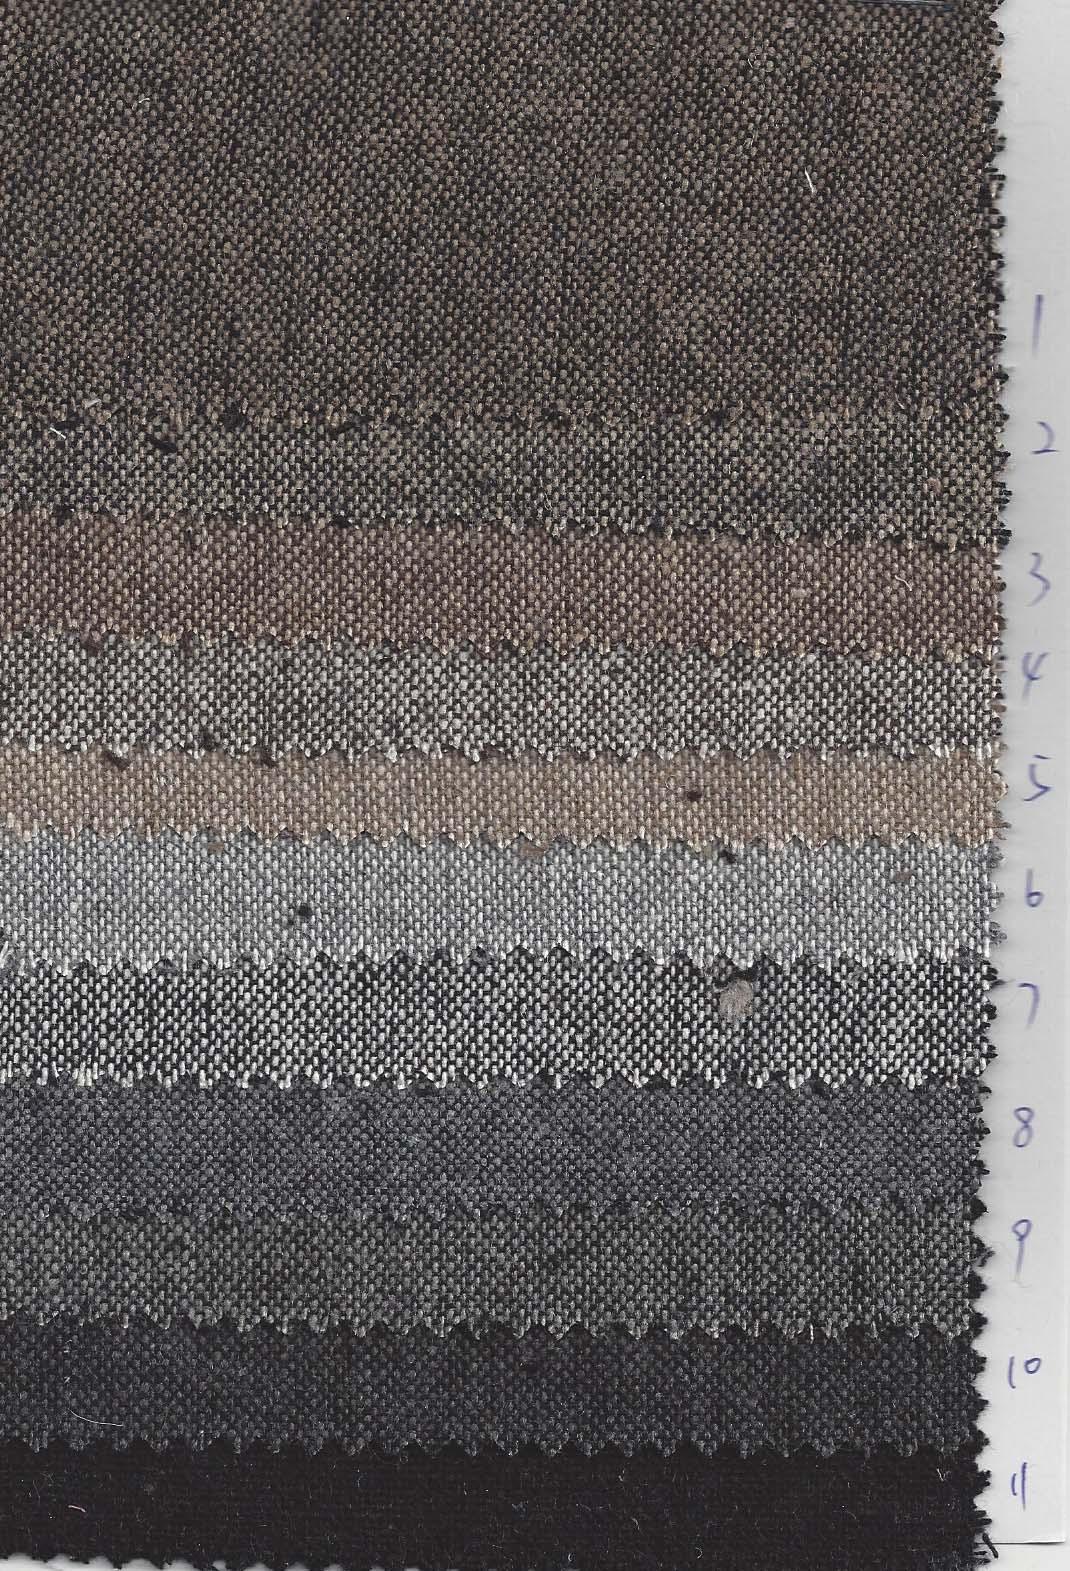 Ying Hua Textile 665-11.jpg